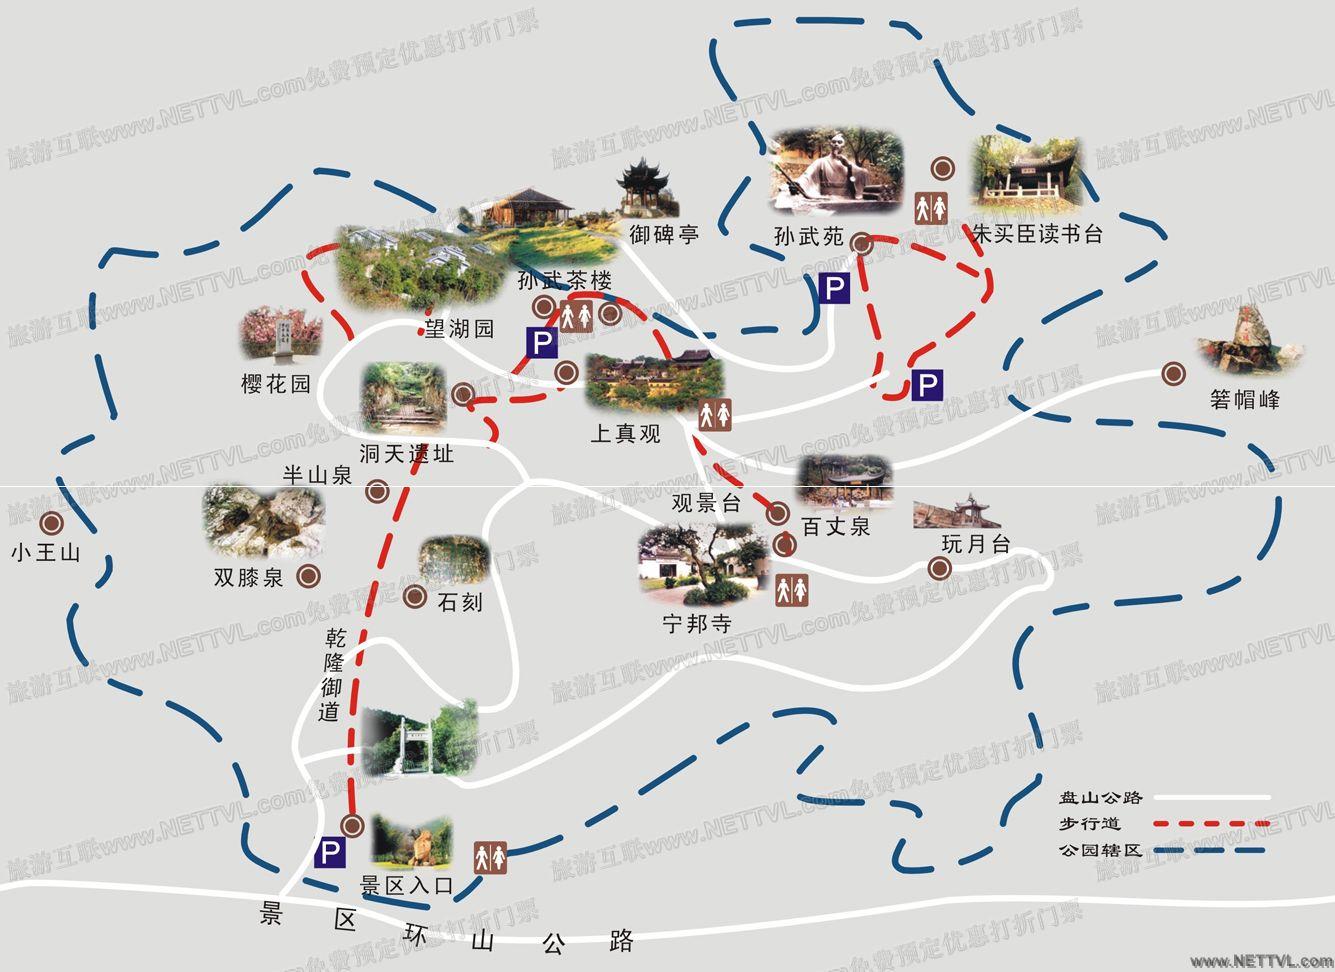 首页 旅游地图 景点导游图 江苏旅游景点地图 穹窿山导游地图   苏州